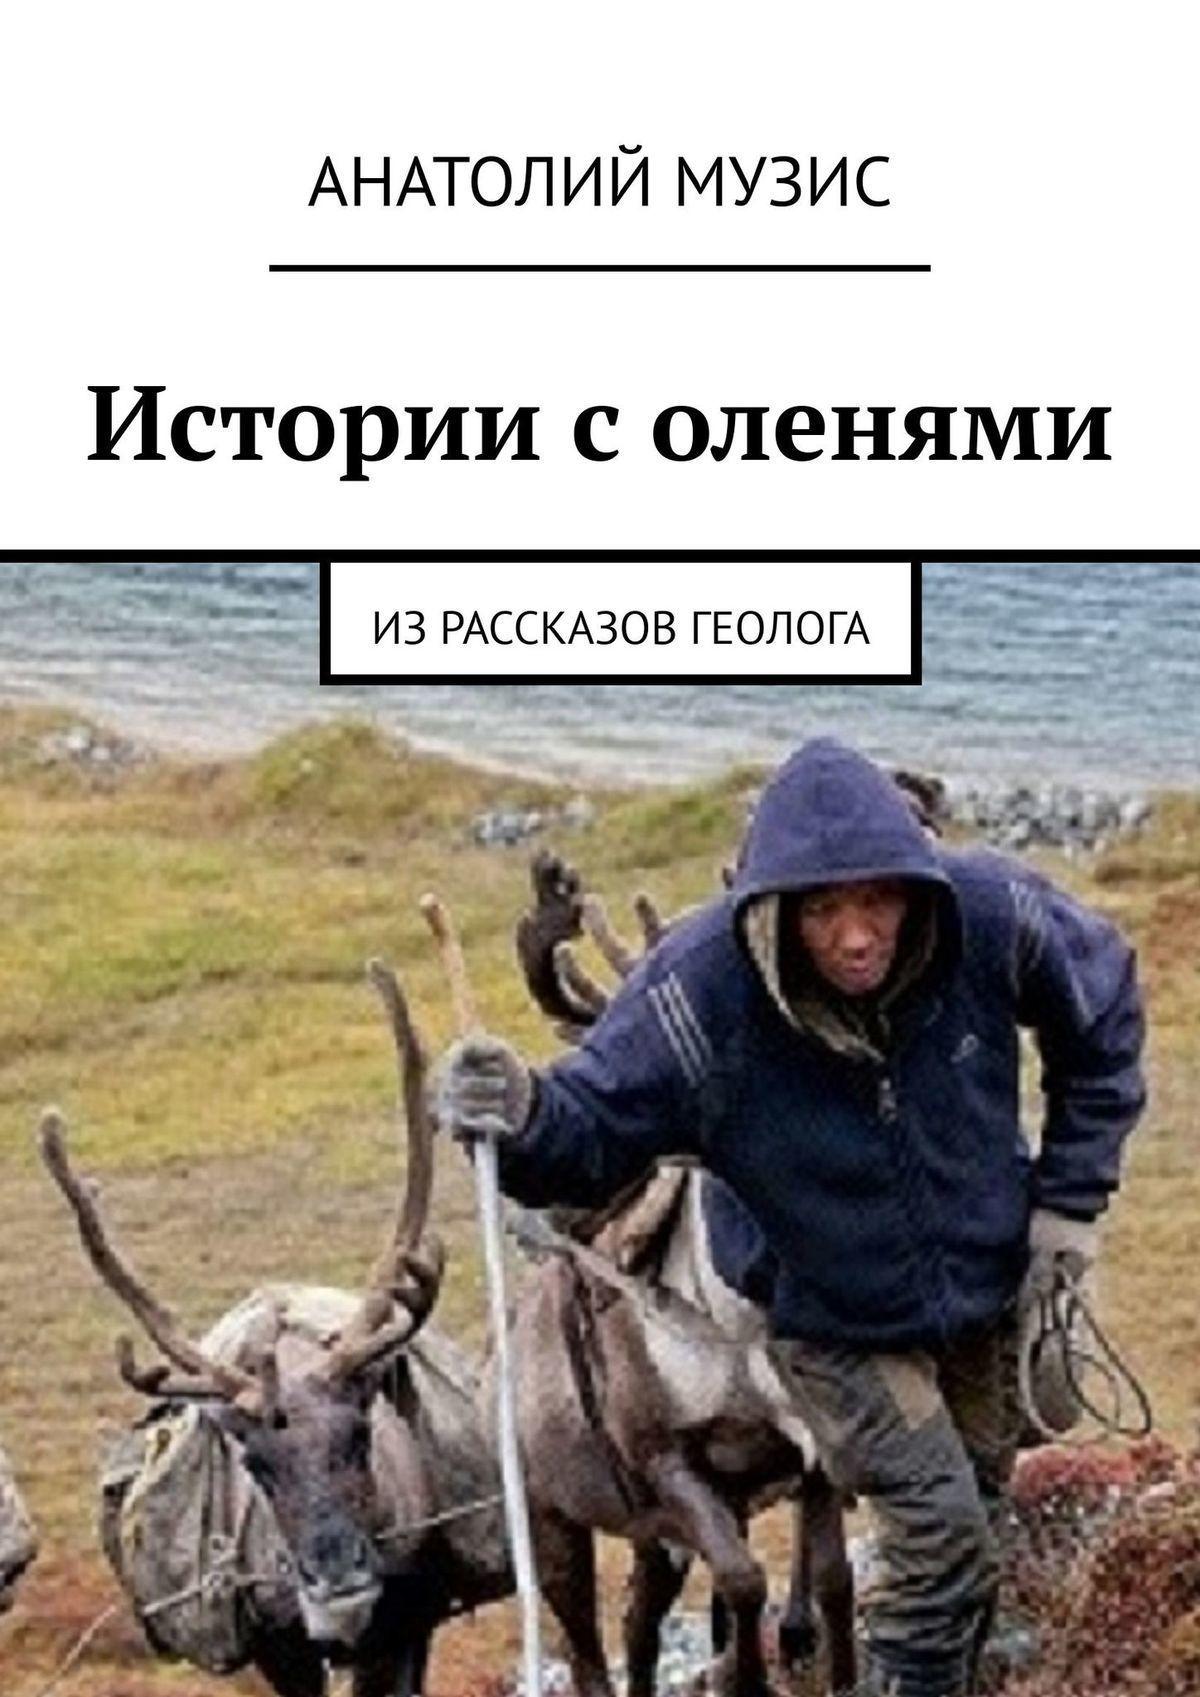 Истории соленями. Израссказов геолога